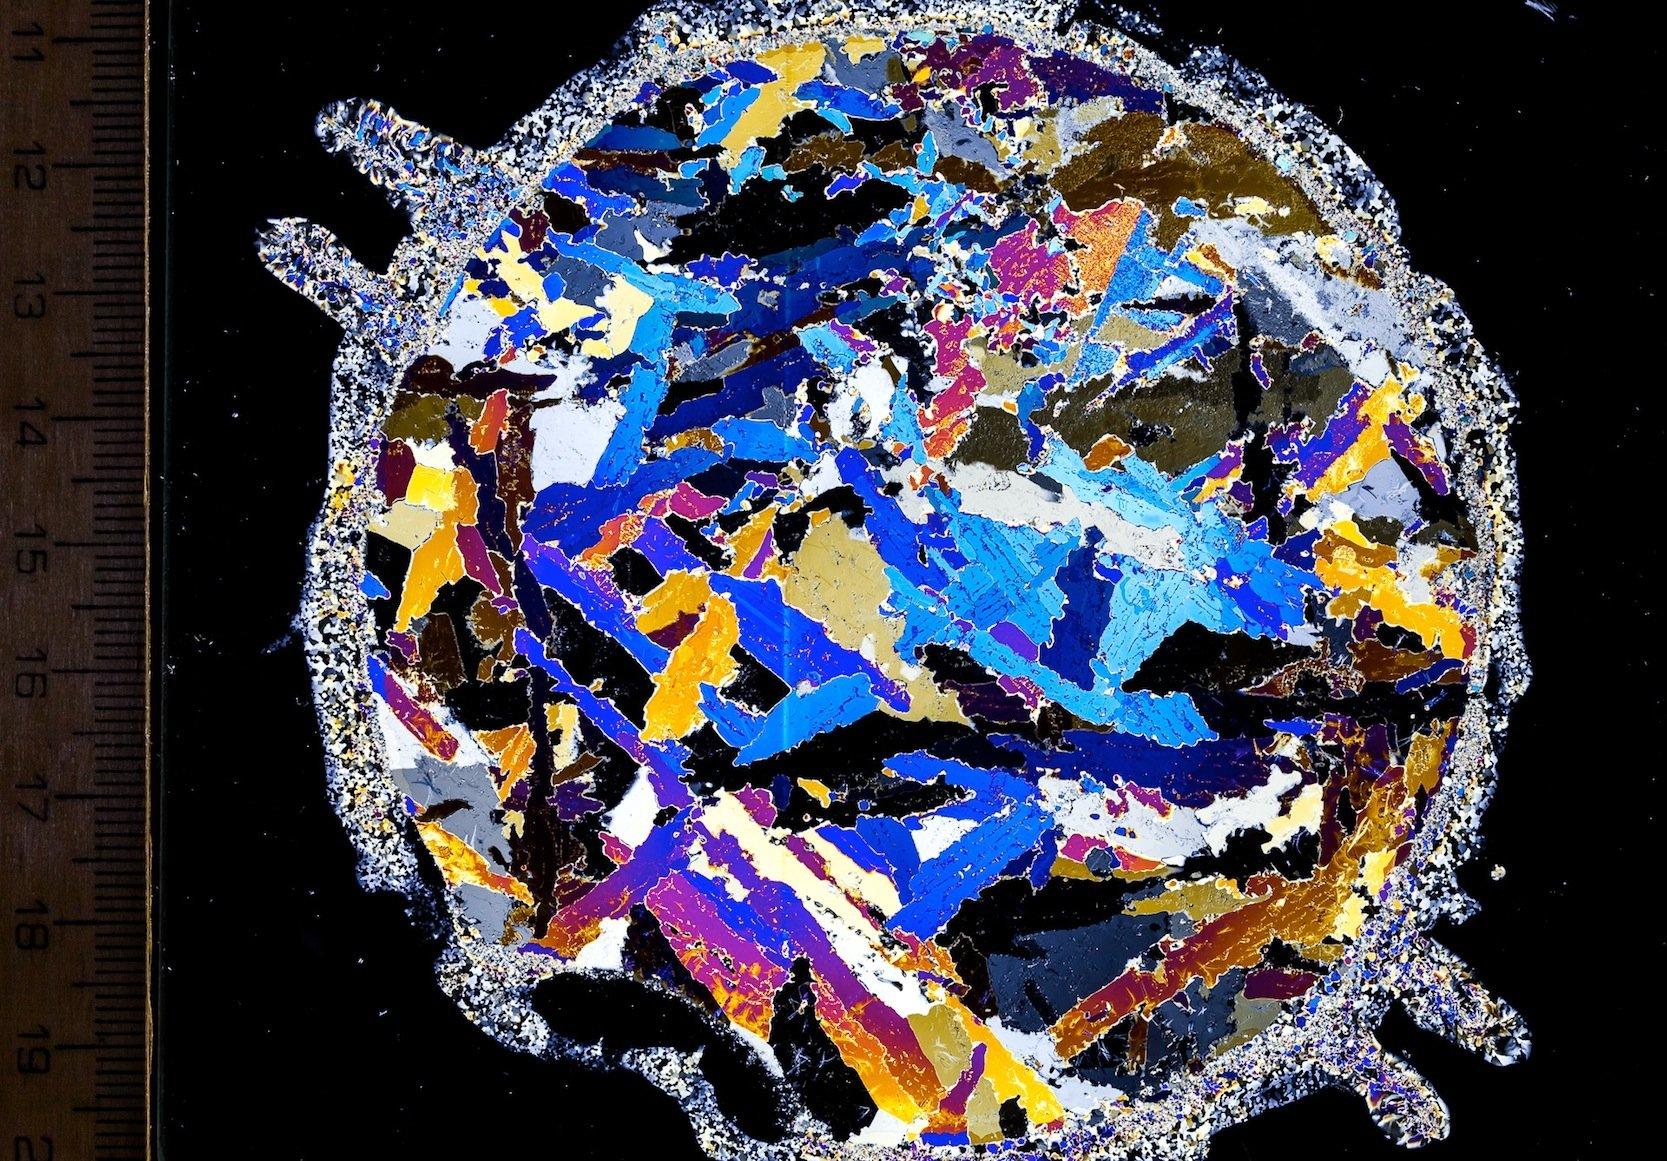 Eingefrorenes Plättcheis: Aufnahme eines Meereis-Bohrkerns (Dünnschnitt) zwischen gekreuzten Polarisationsfiltern. Diese Technik lässt die im Meereis eingefrorenen Eisplättchen in unterschiedlichen Farben schimmern, sodass sie für die Wissenschaftler gut zu erkennen sind.